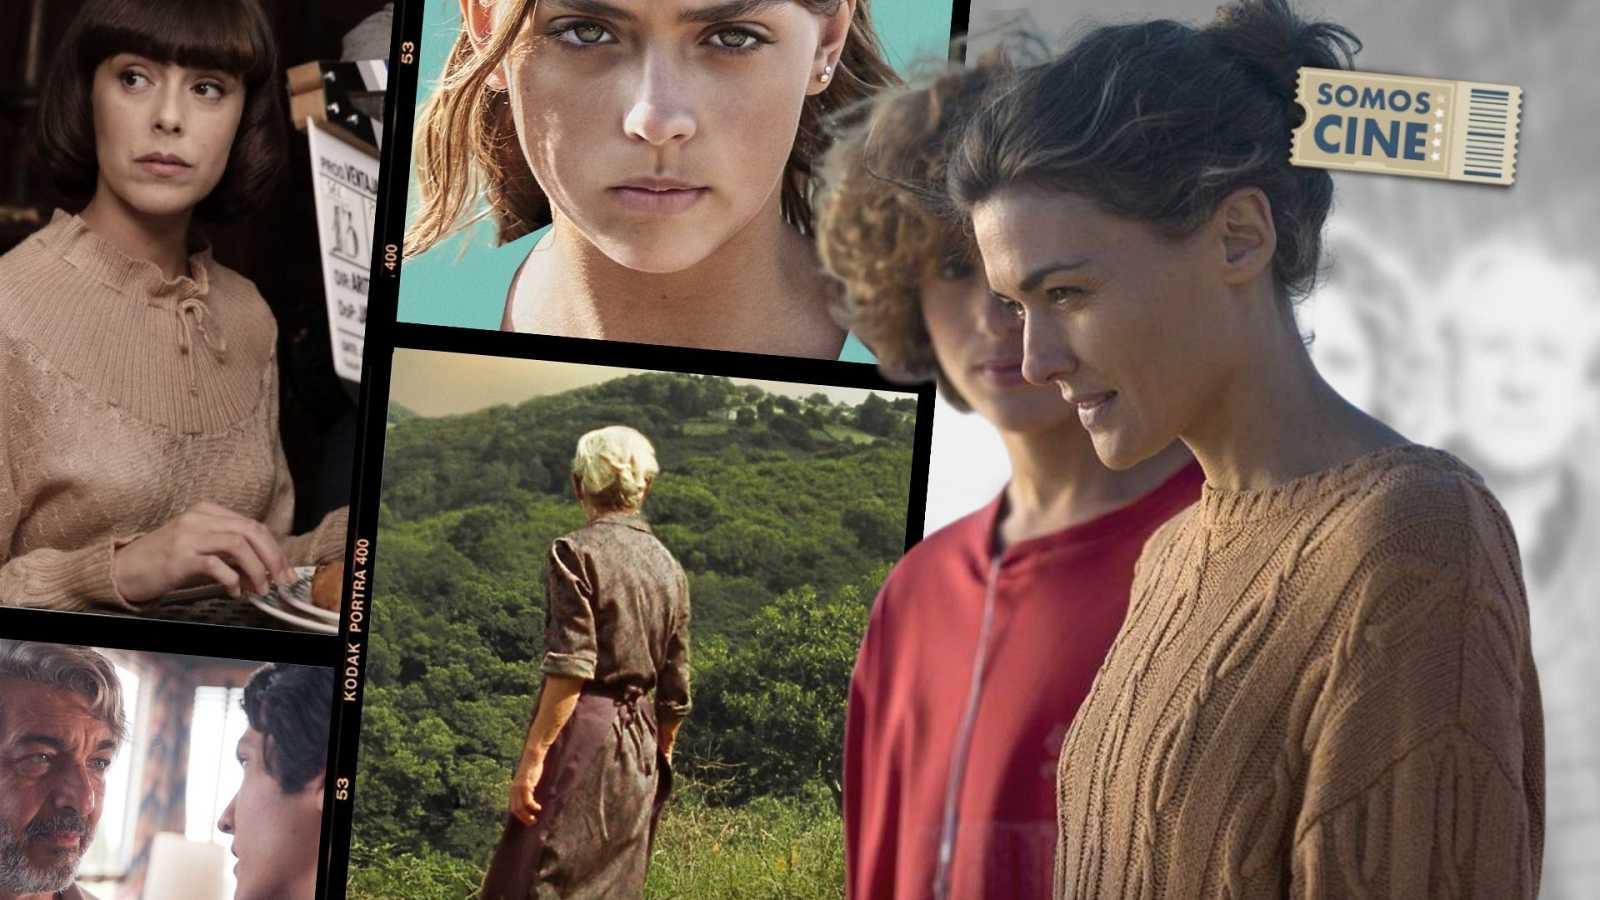 Las mejores películas que ver en septiembre en Somos Cine